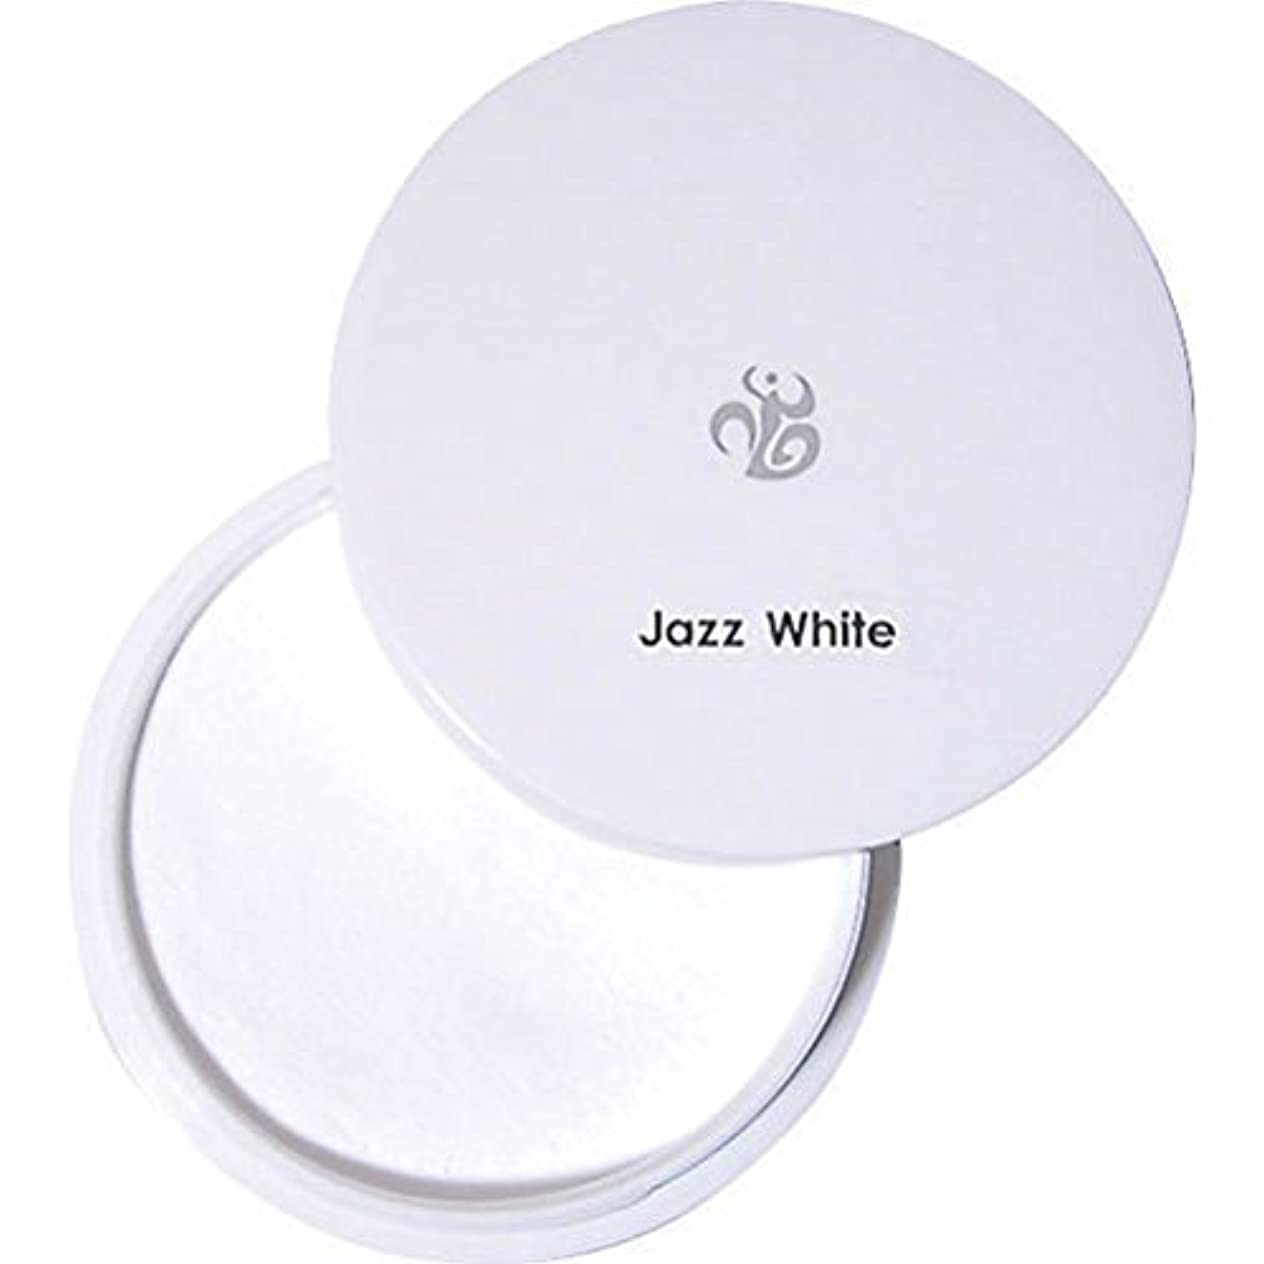 好みブラスト世界的にパウダー ジャズホワイト 20g